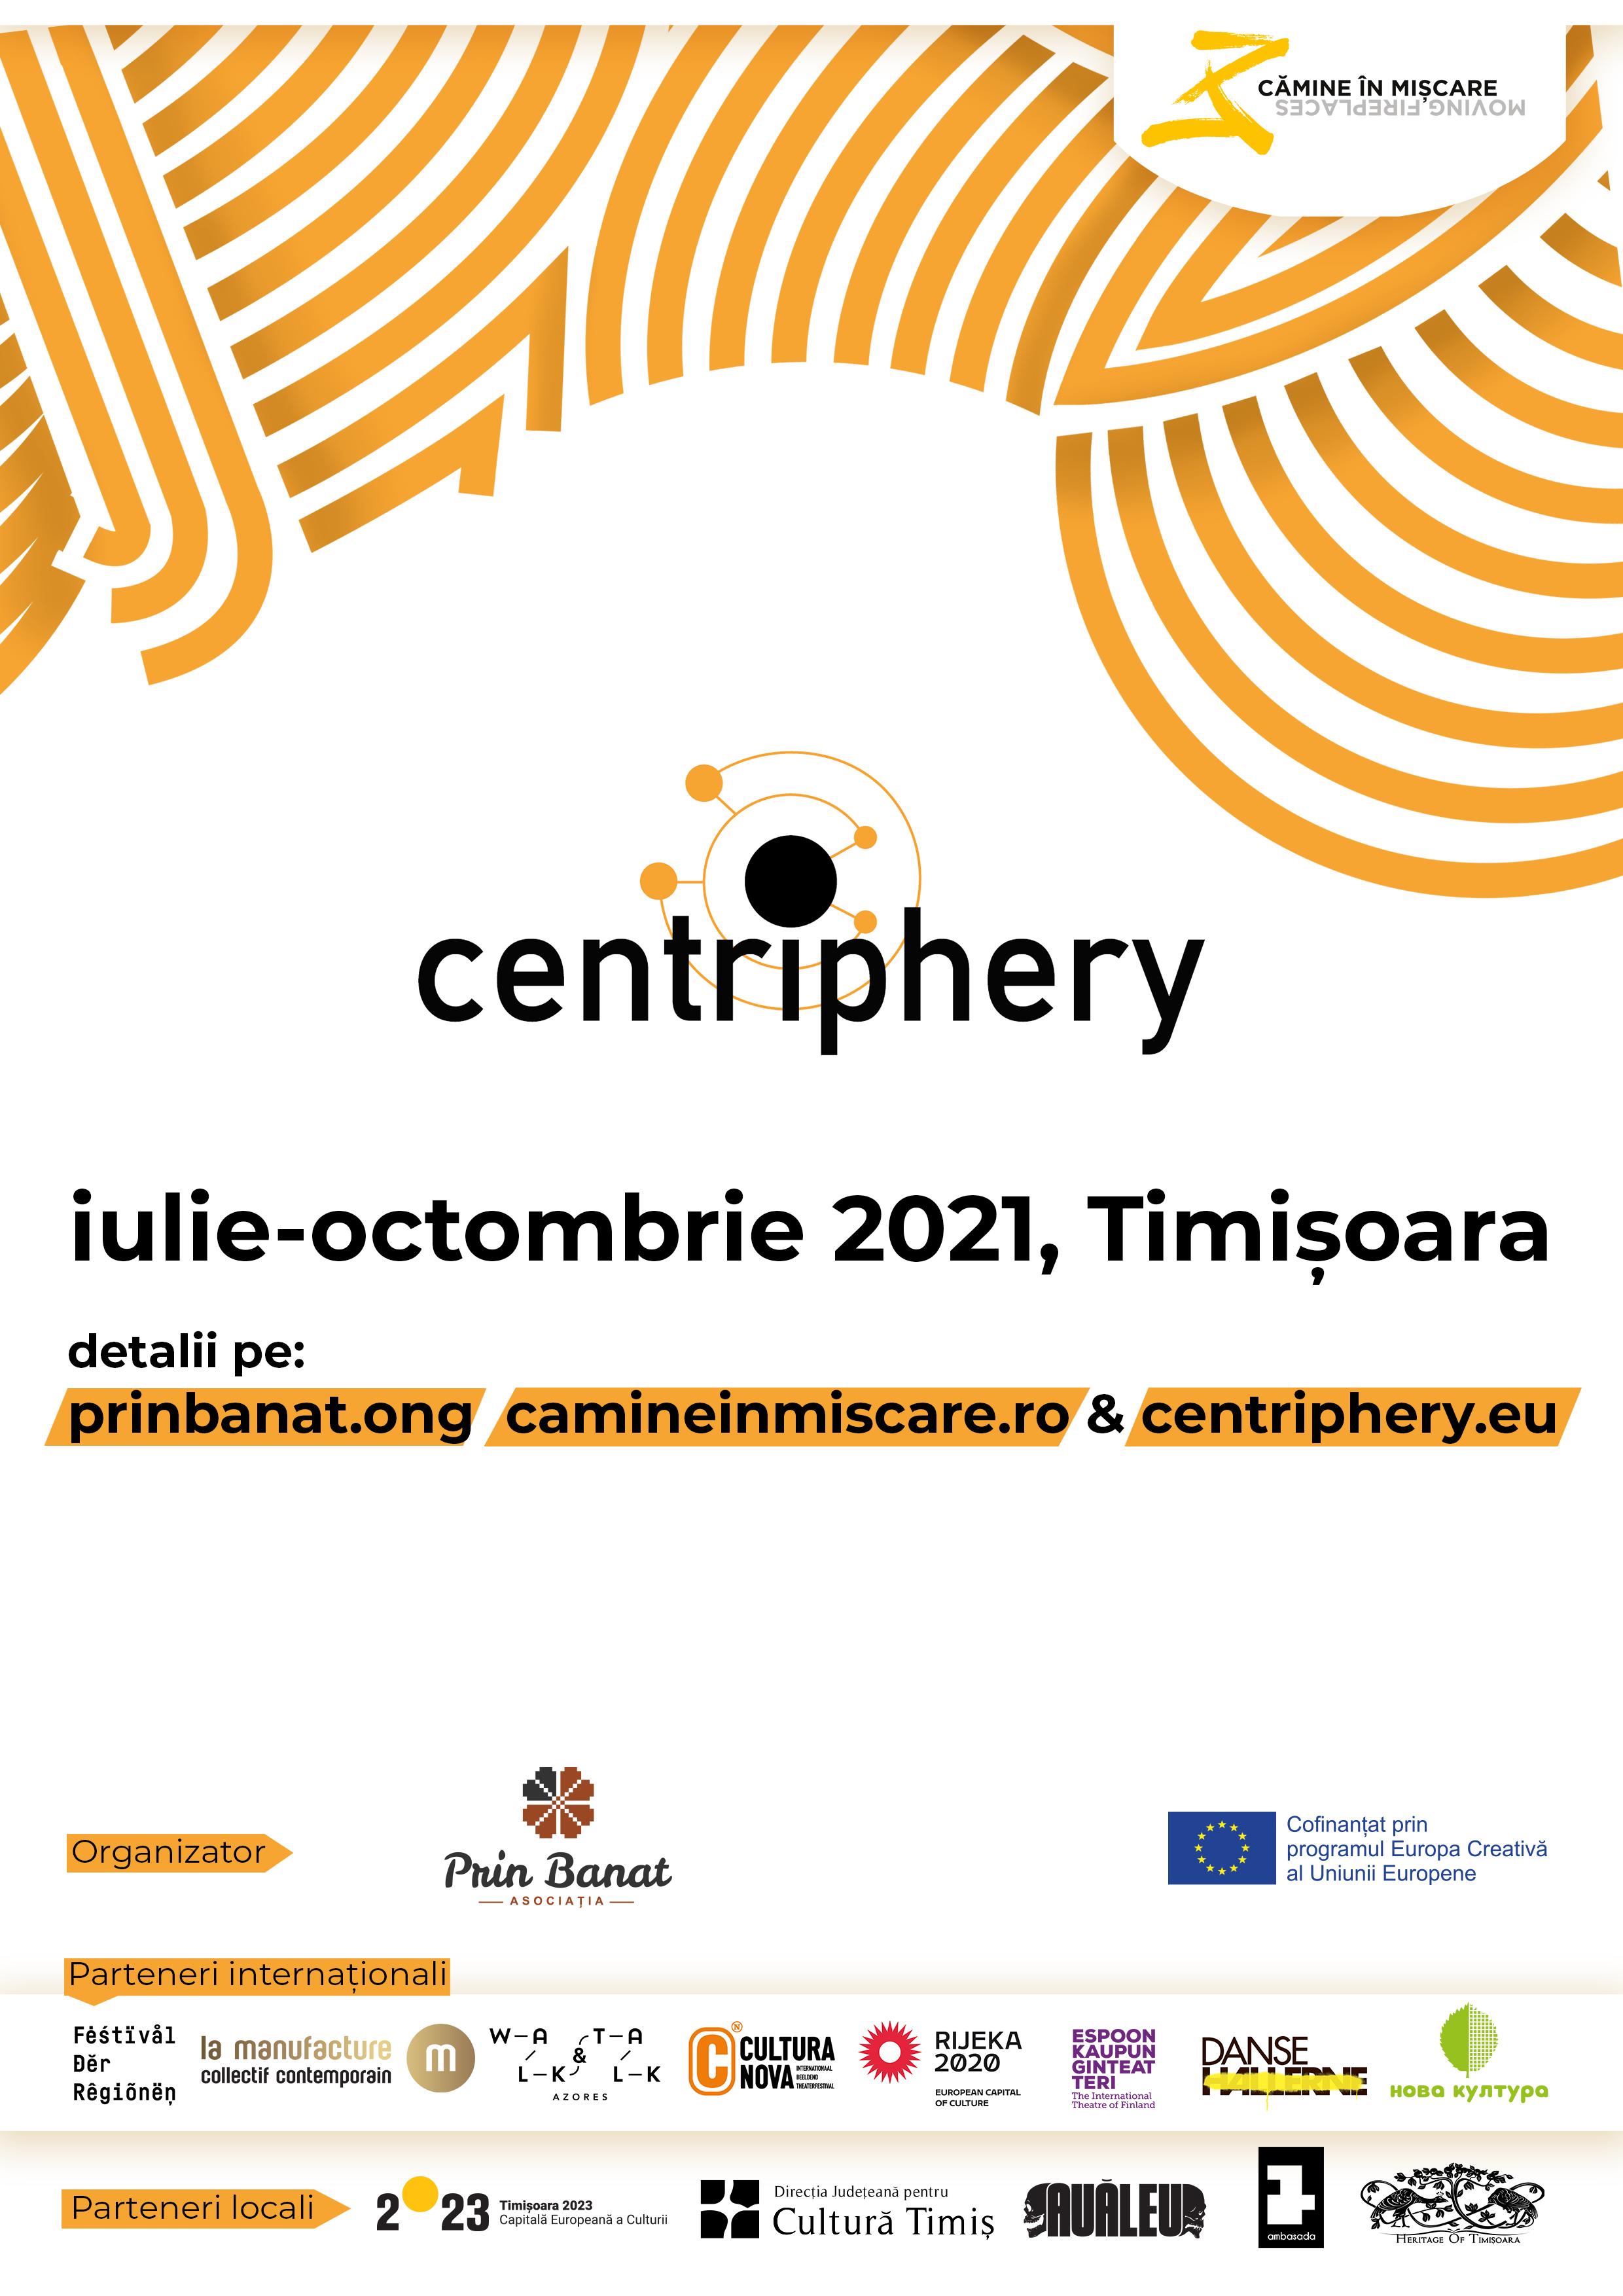 Centriphery: artiști locali și internaționali vor pune în scenă unul dintre cele mai îndrăgite basme românești, la Timișoara